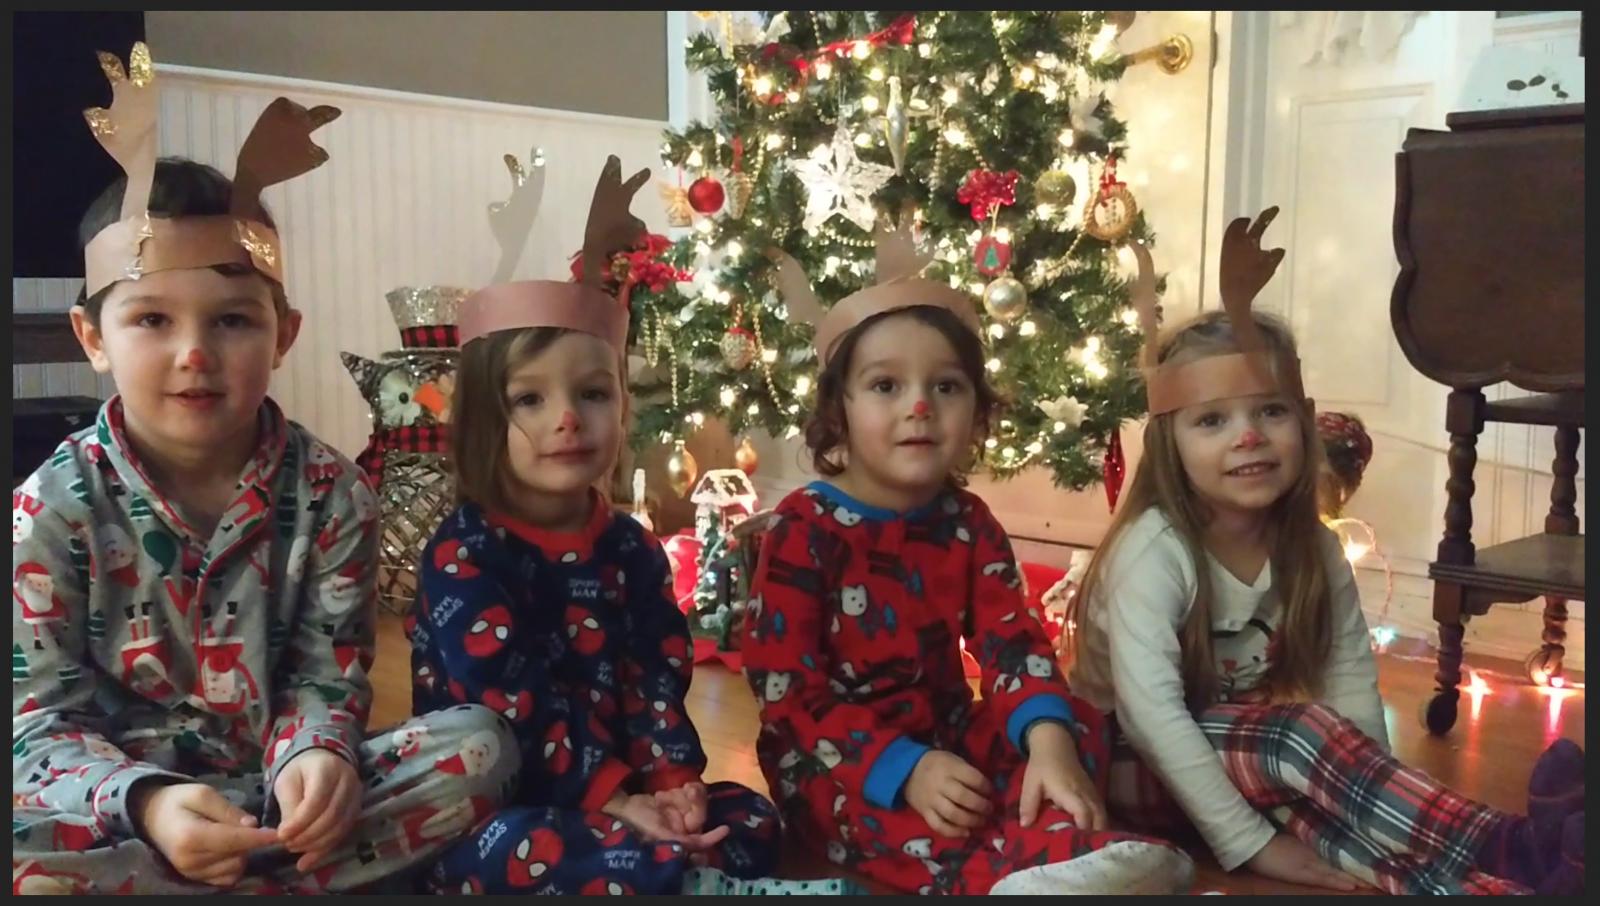 La deuxième vidéo: Et si on laissait les enfants nous expliquer Noël?